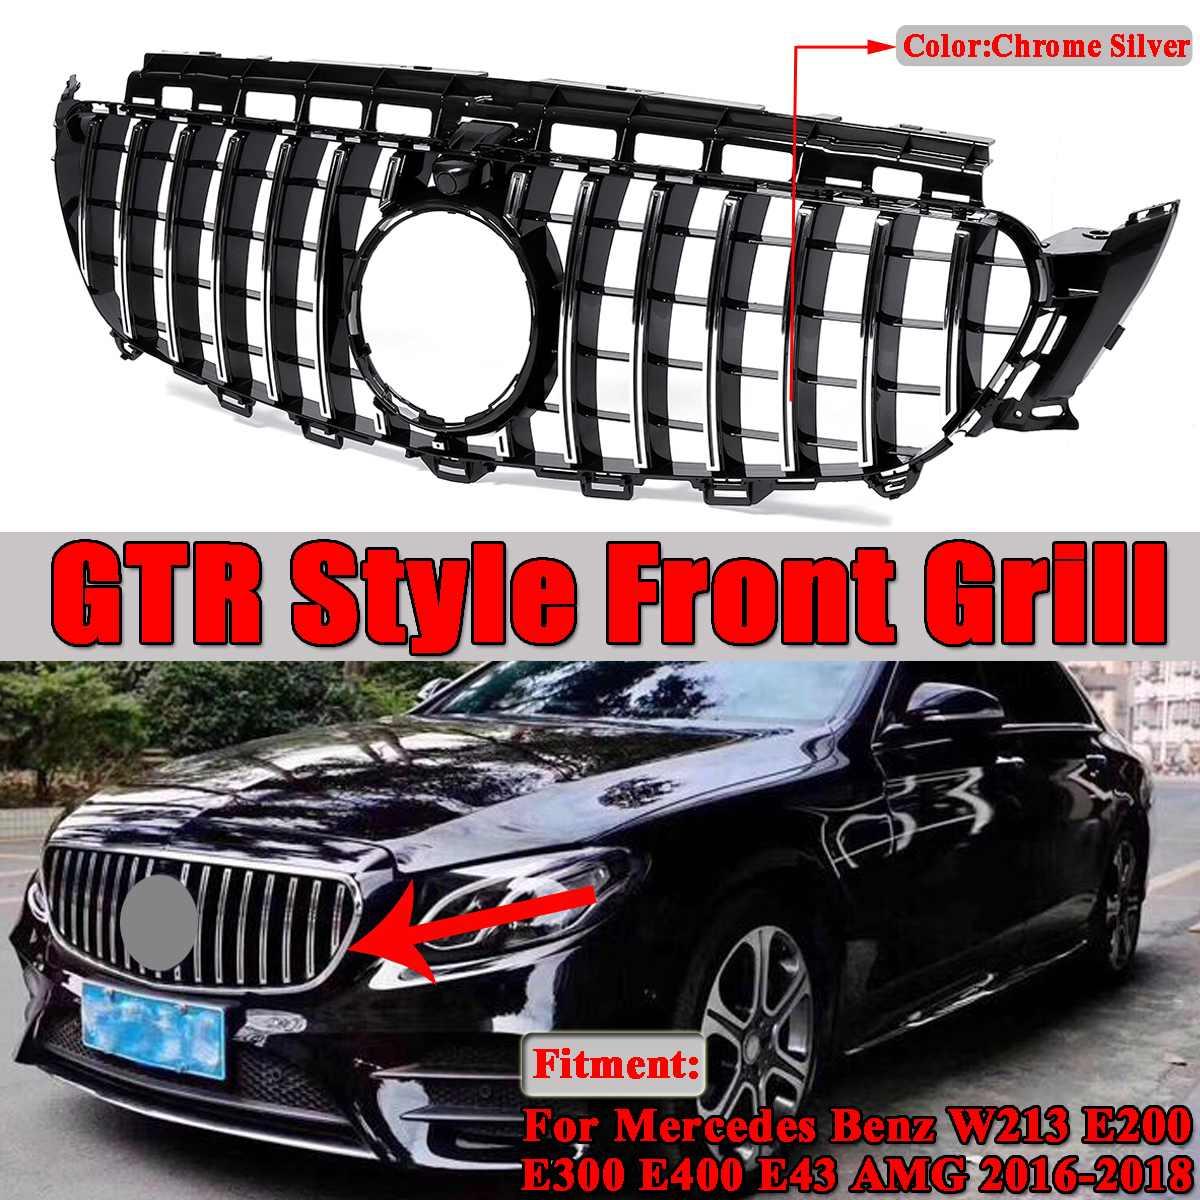 1x gt r/estilo diamante w213 grlil grade dianteira do carro para mercedes benz w213 e200 e300 e400 e43 para amg 2016 2017 2018 2019